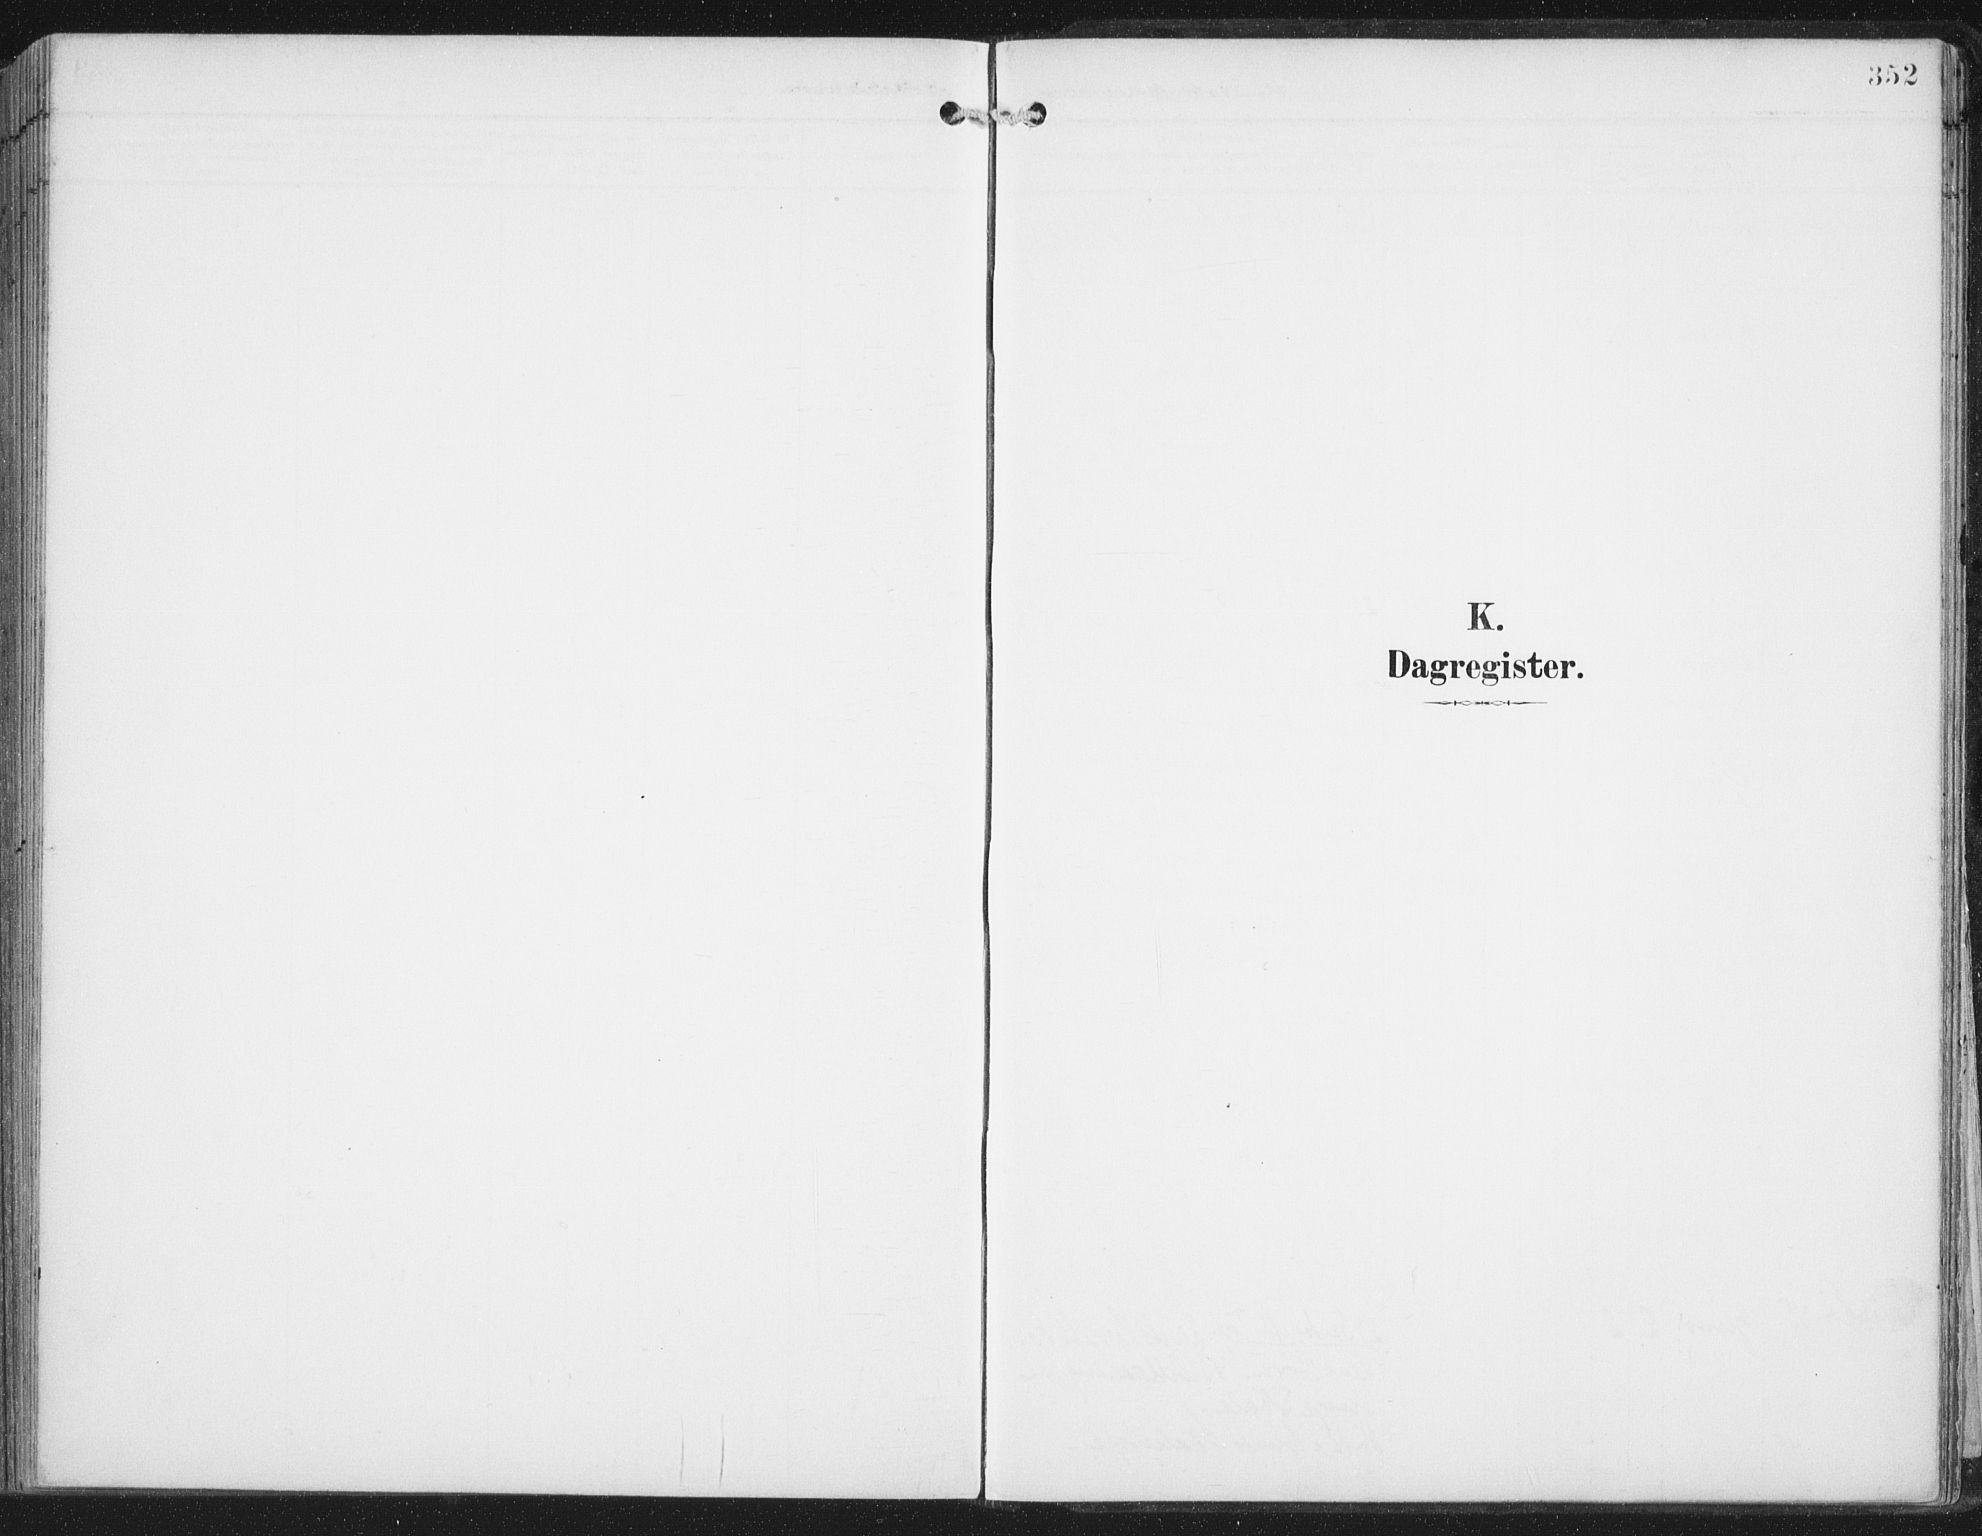 SAT, Ministerialprotokoller, klokkerbøker og fødselsregistre - Nordland, 876/L1098: Parish register (official) no. 876A04, 1896-1915, p. 352